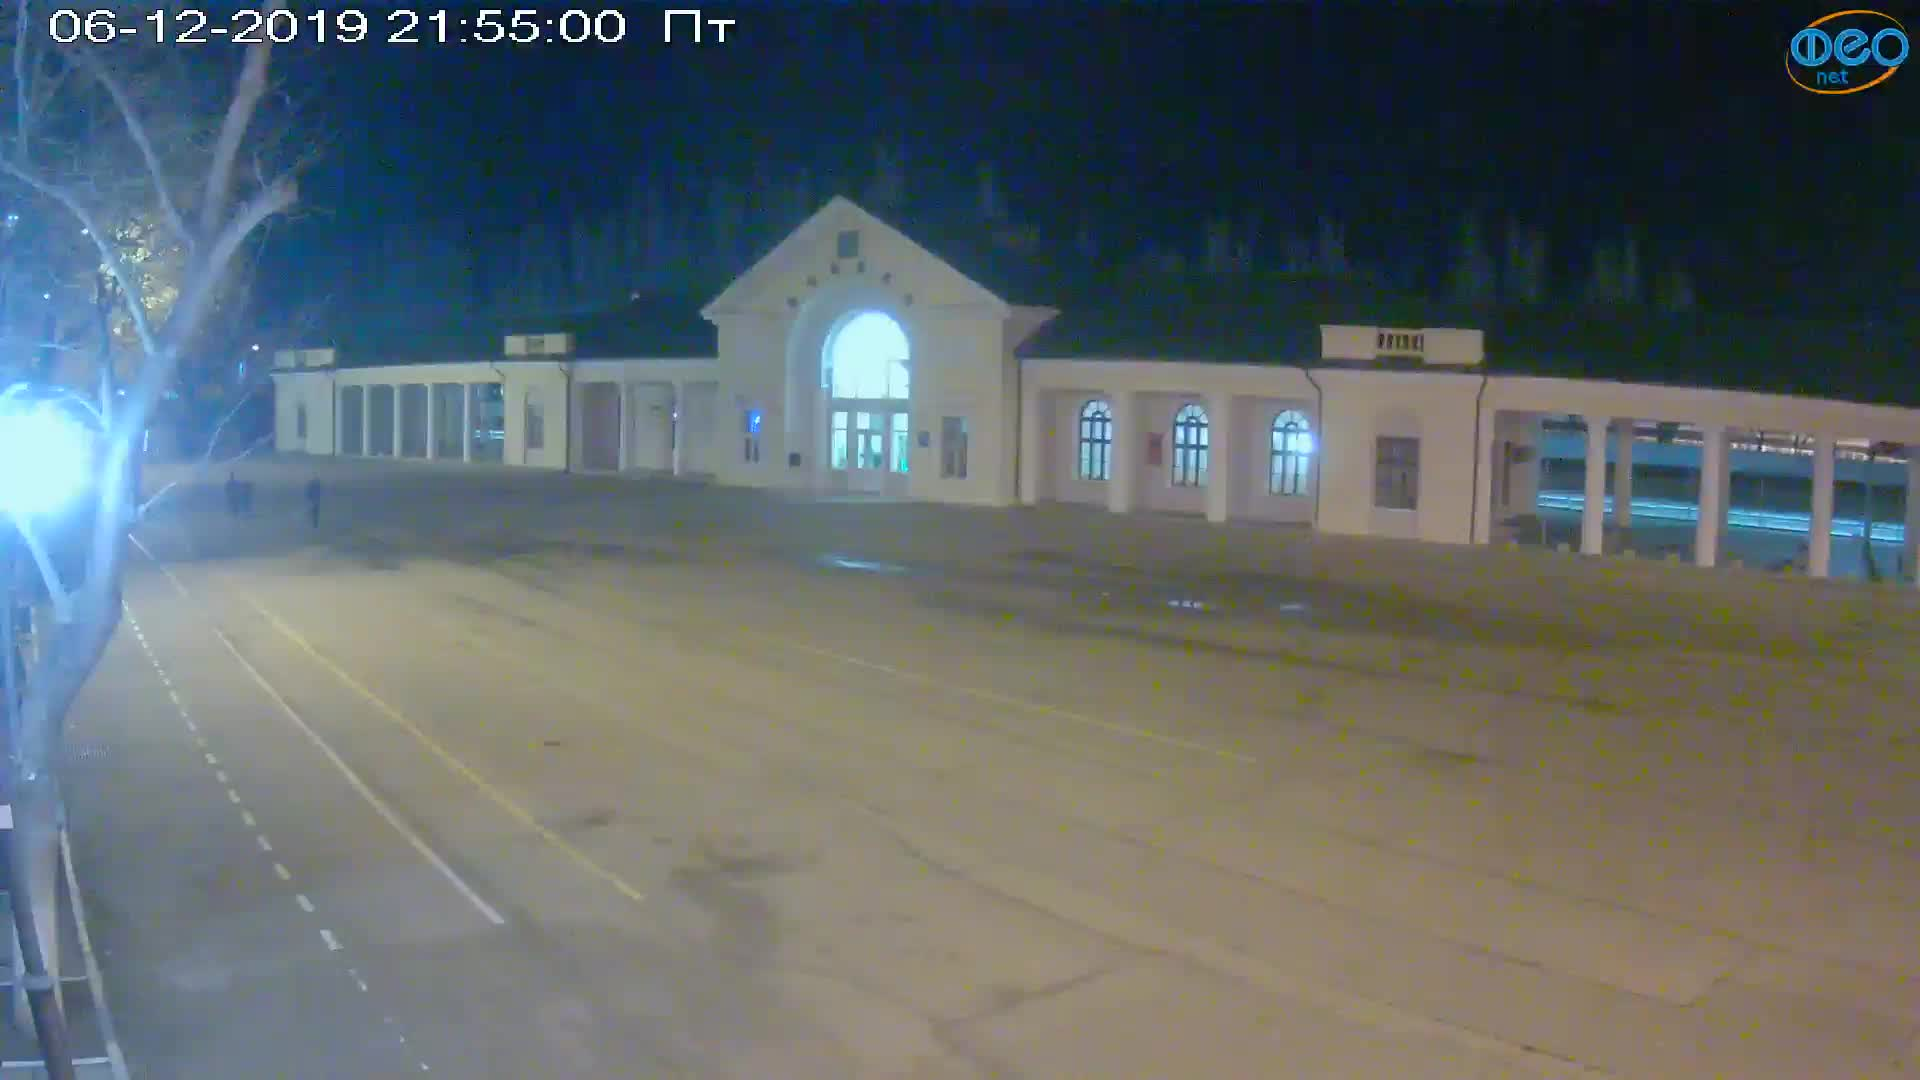 Веб-камеры Феодосии, Привокзальная площадь, 2019-12-06 21:55:22